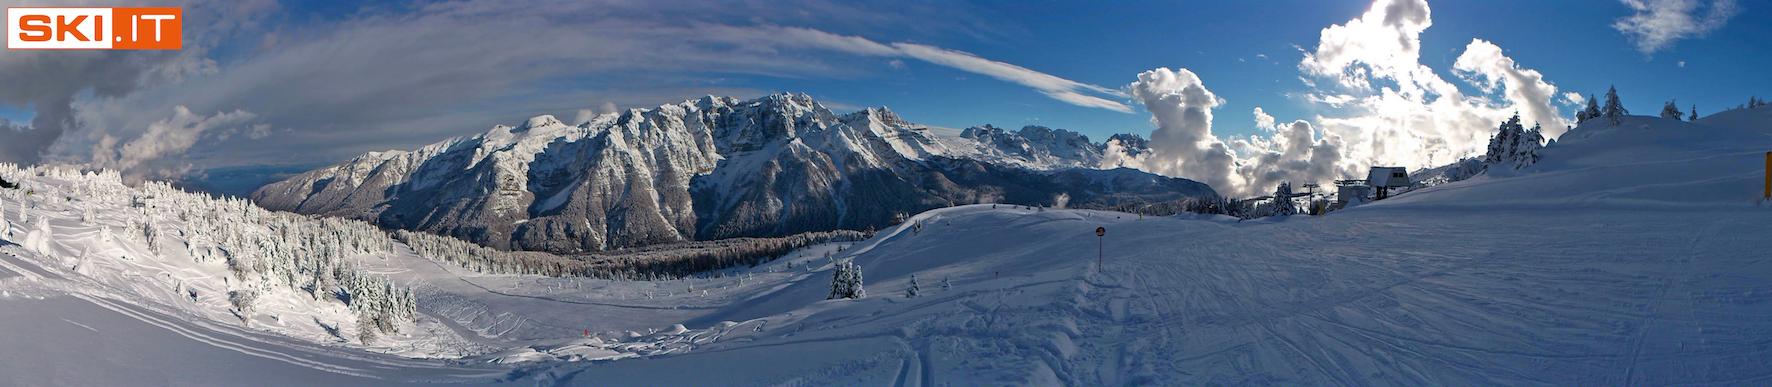 Skiarea Campiglio Dolomiti di Brenta Val di Sole